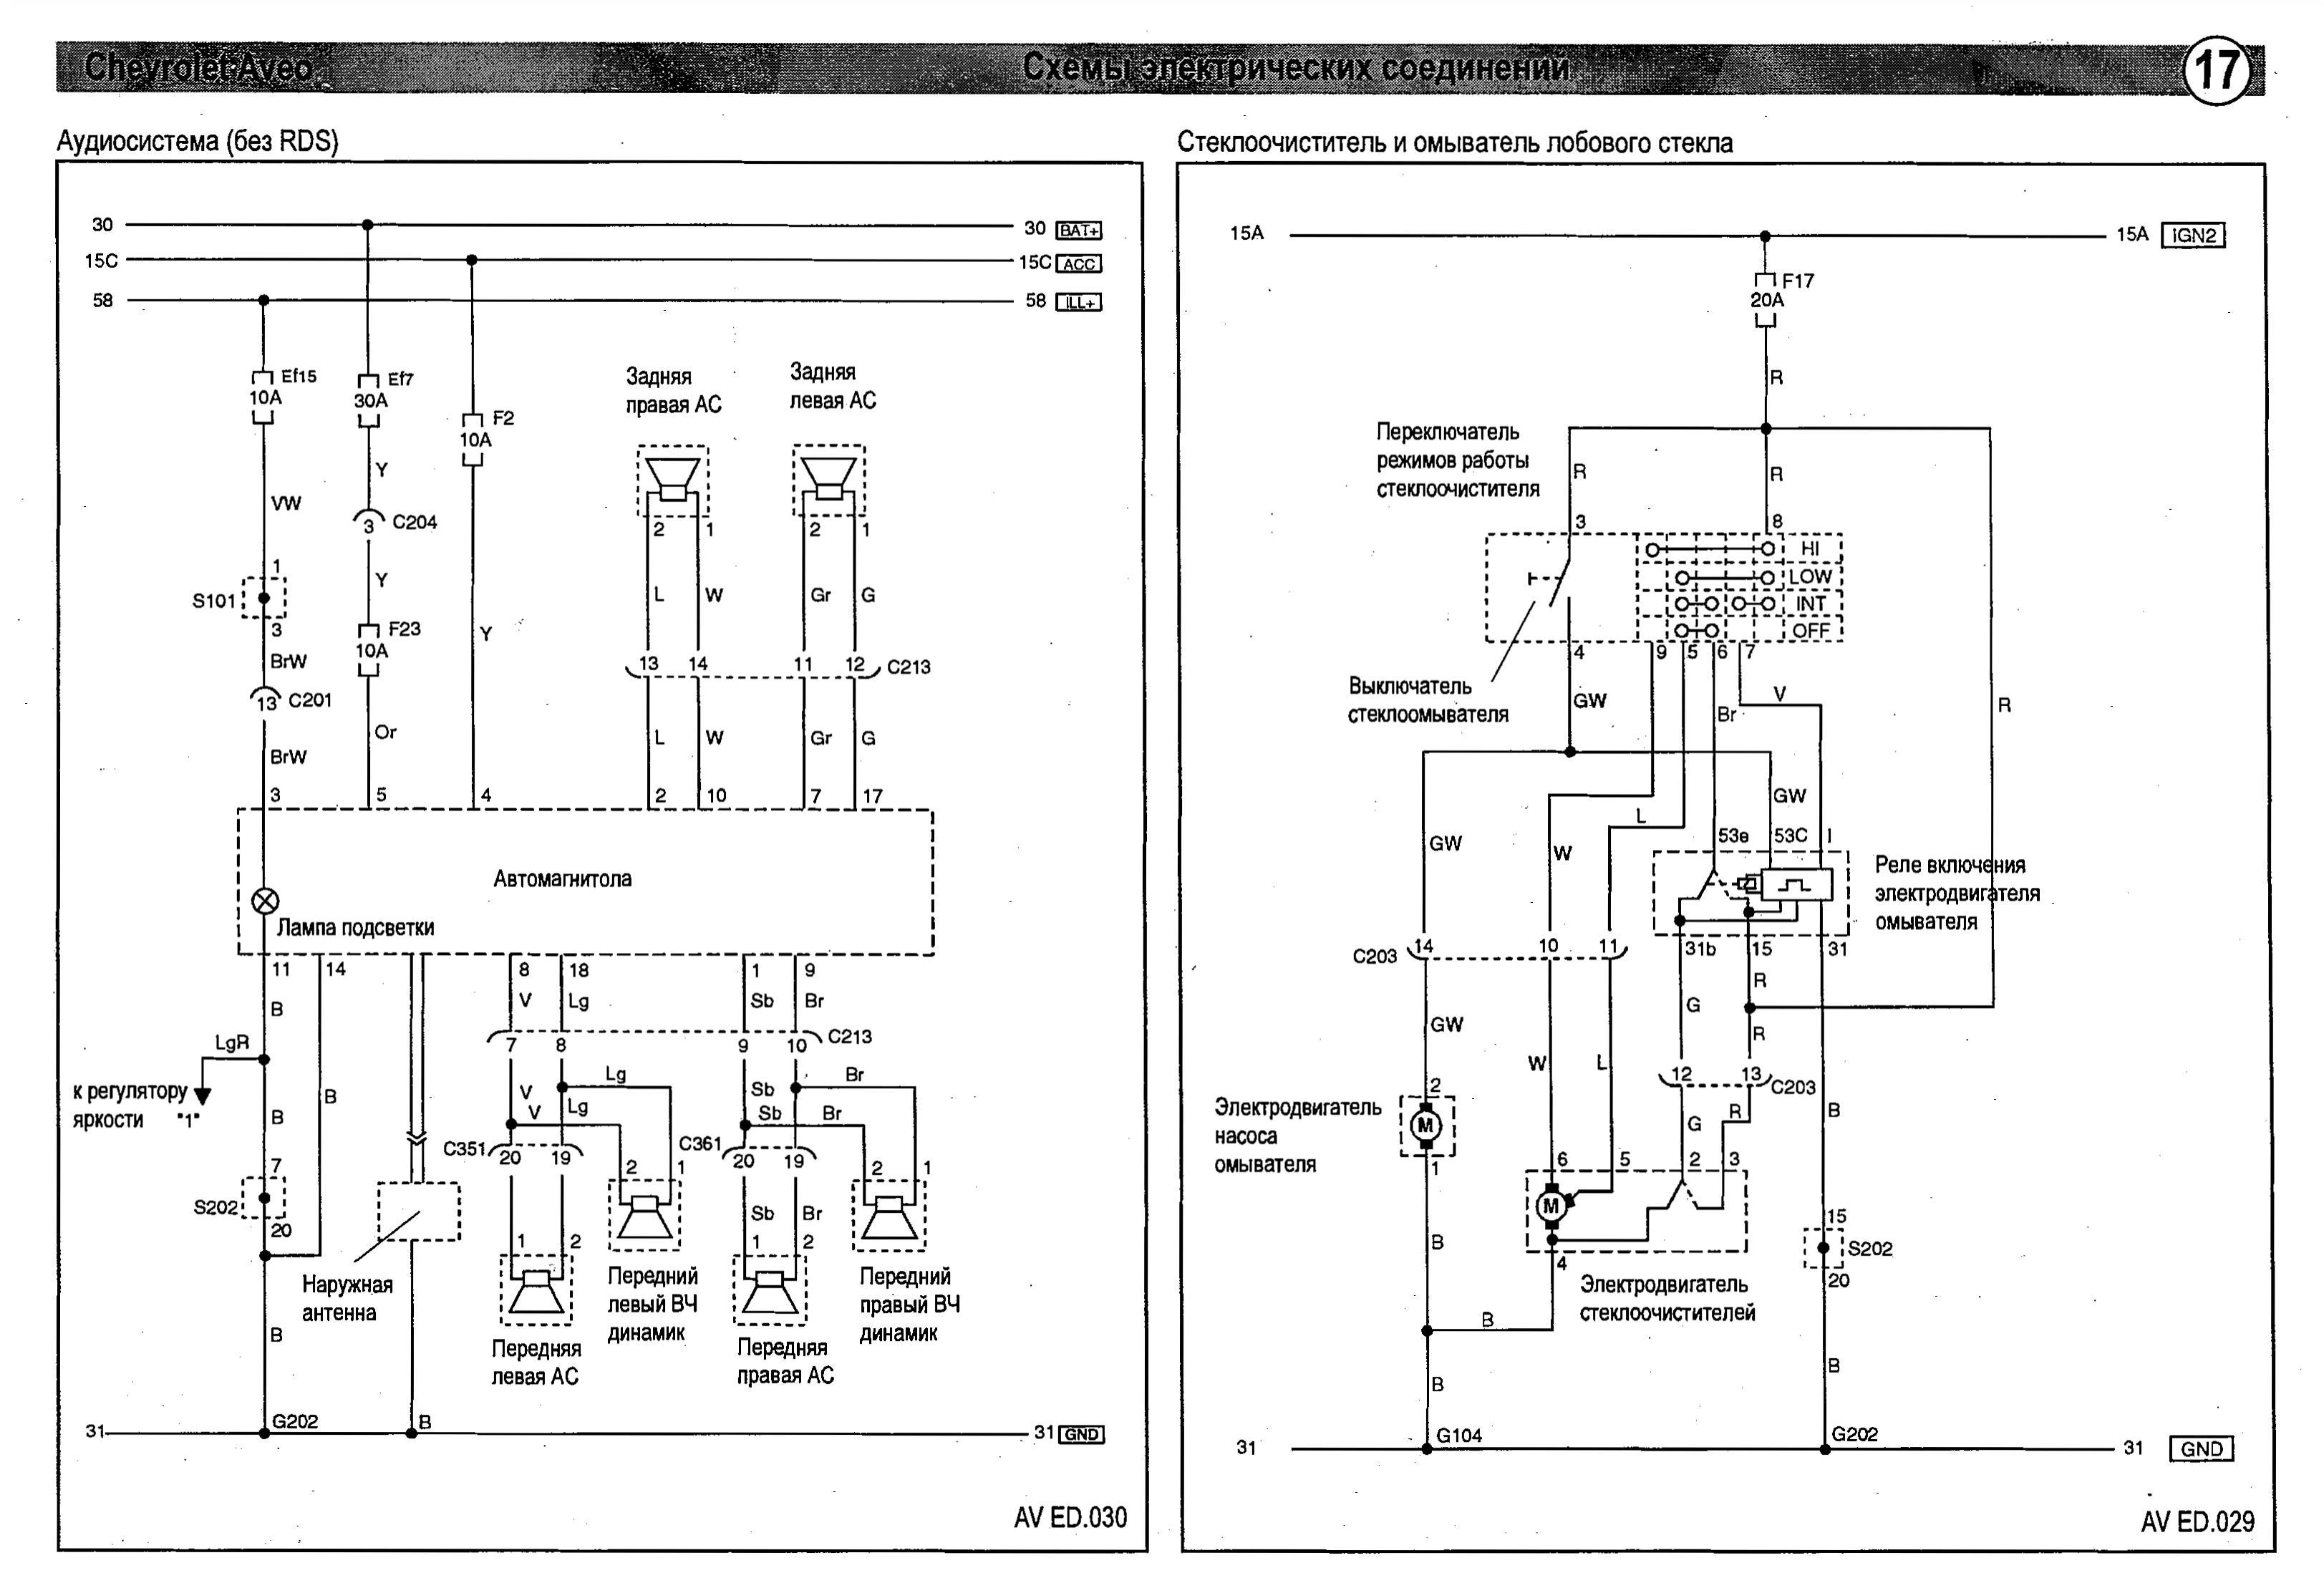 Скачать Схемы электрооборудования CHEVROLET AVEO с 2003 бензин.